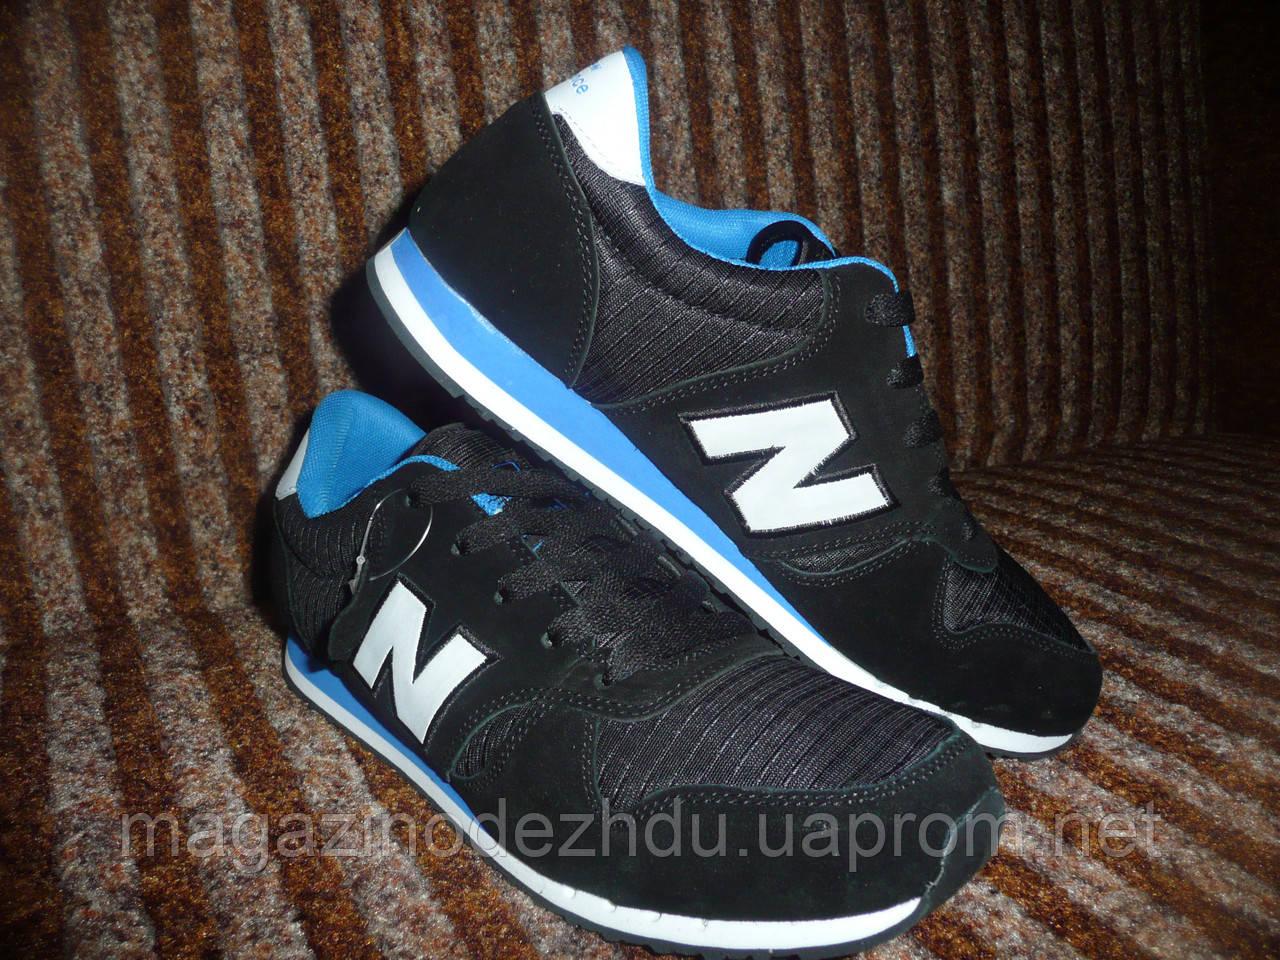 32b67a32d18 Кроссовки New Balance RC 400 черные  продажа